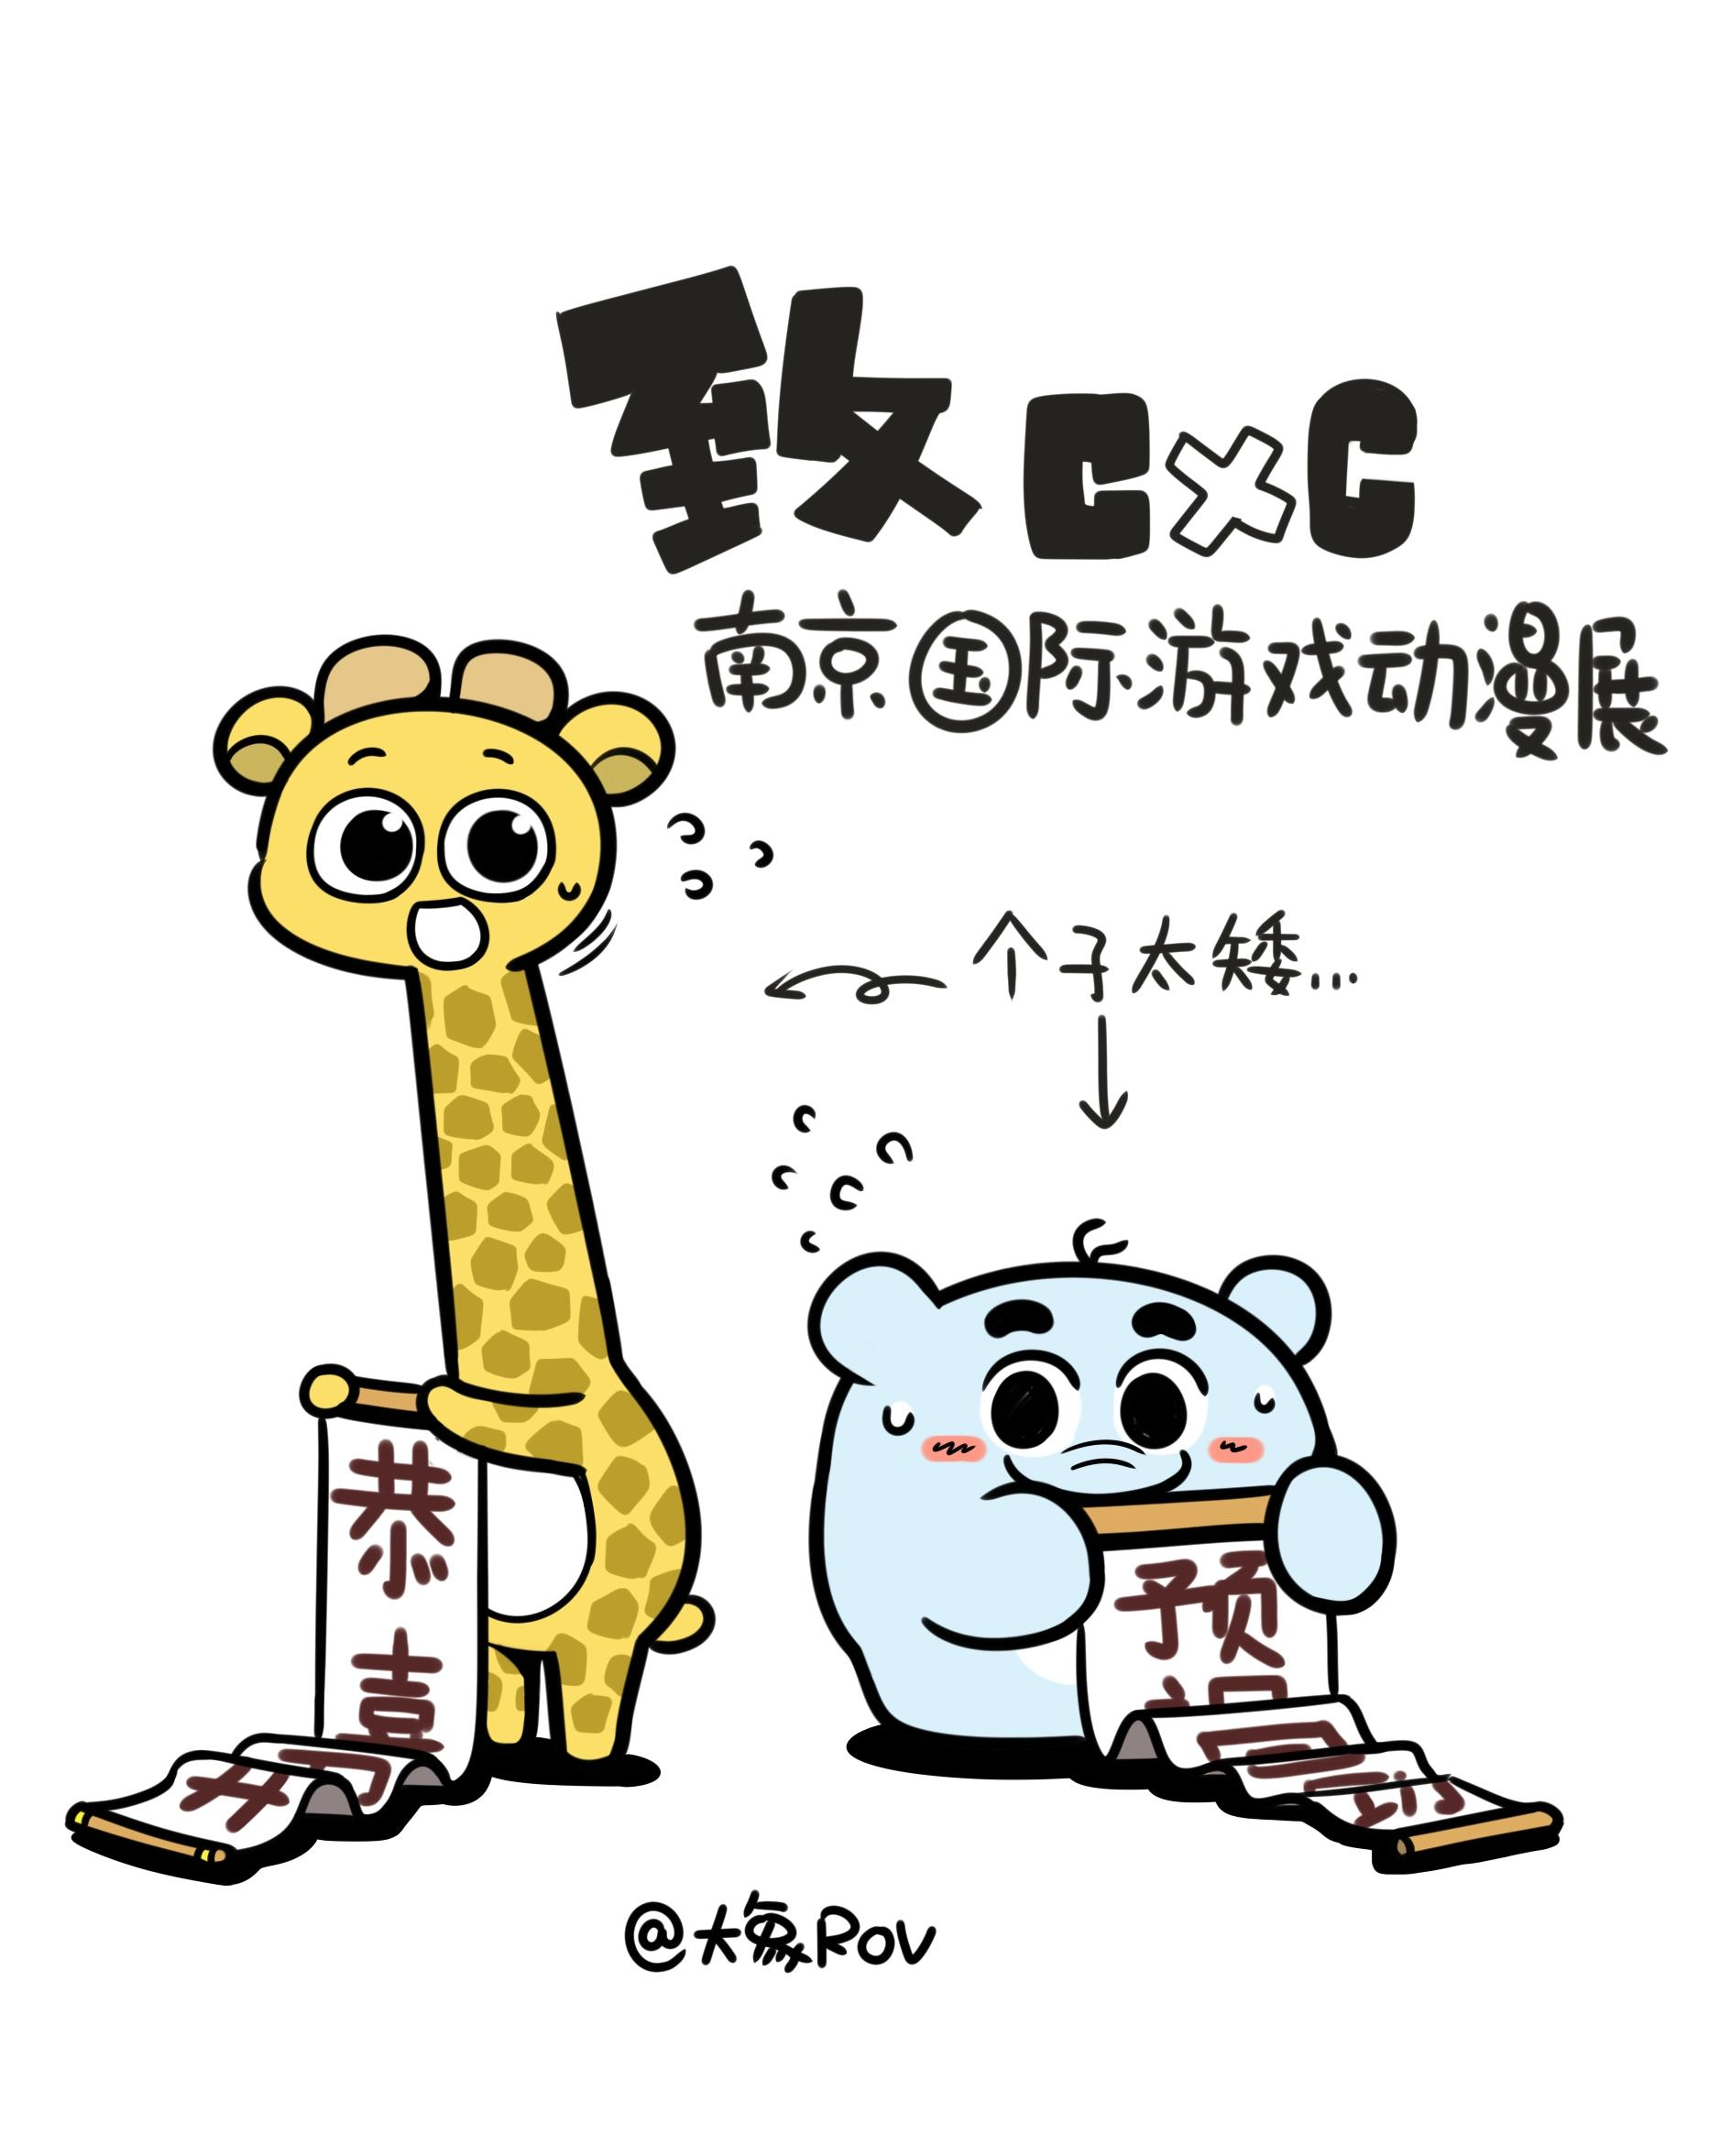 于彦舒,小麦咖啡,黑背,大象rov,长弓手皮揣子10月1日齐聚南京图片